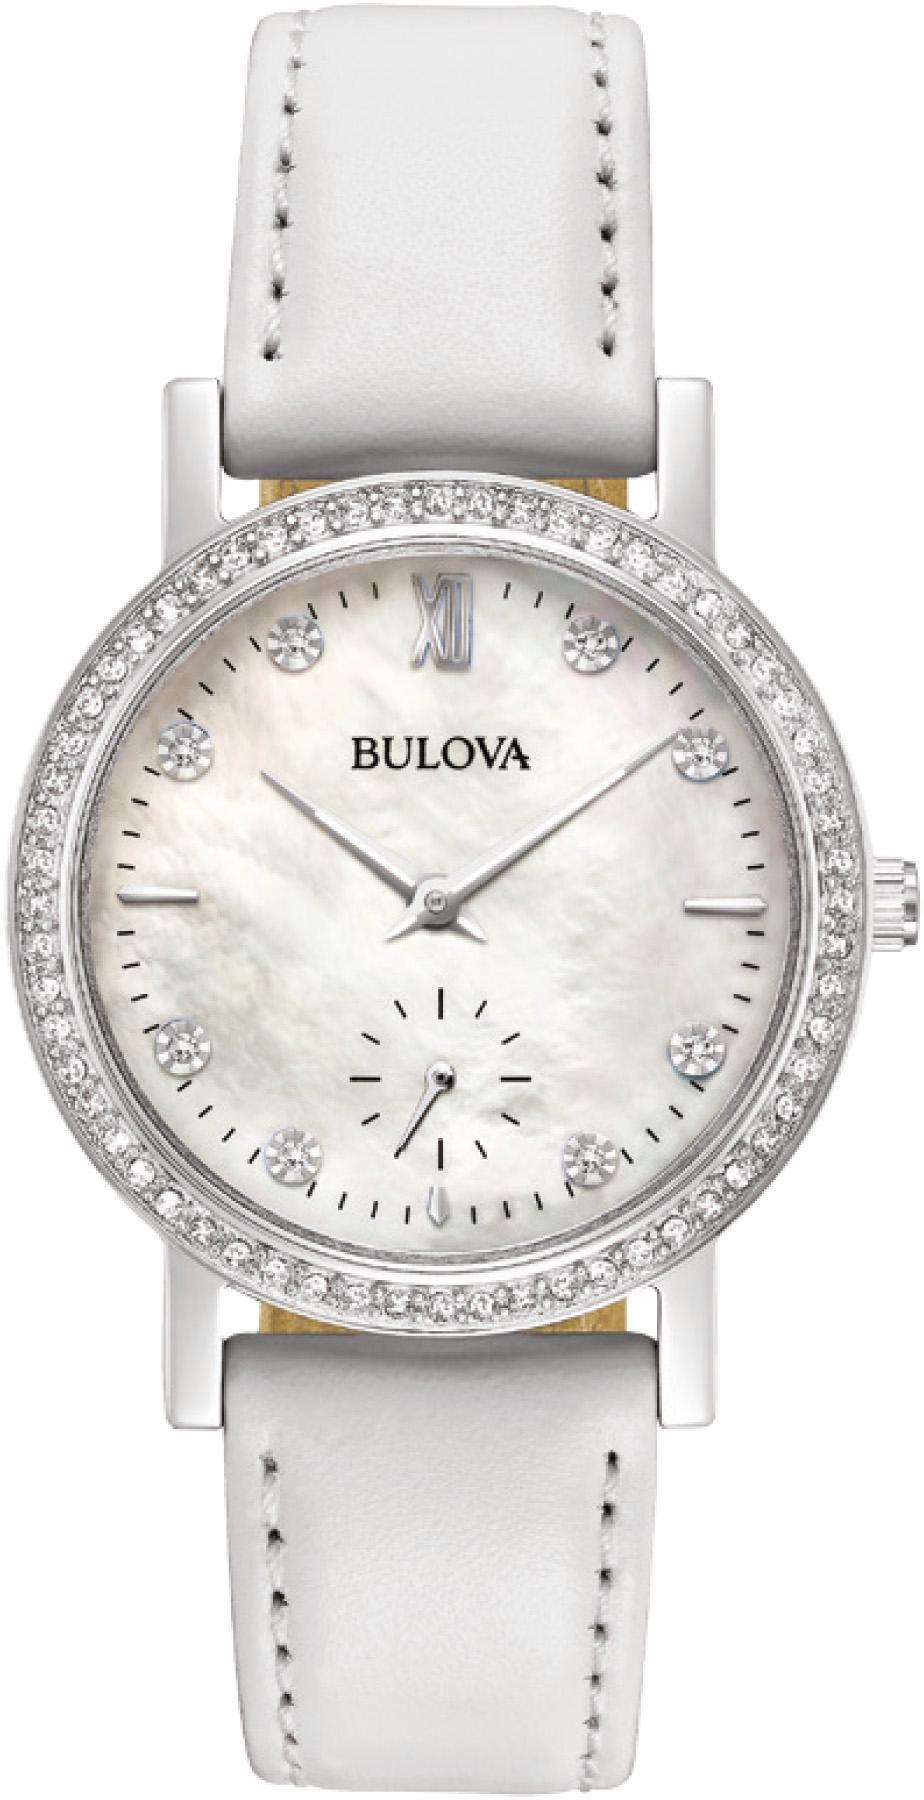 Bulova Quarzuhr »96L245«, mit kleiner Sekunde